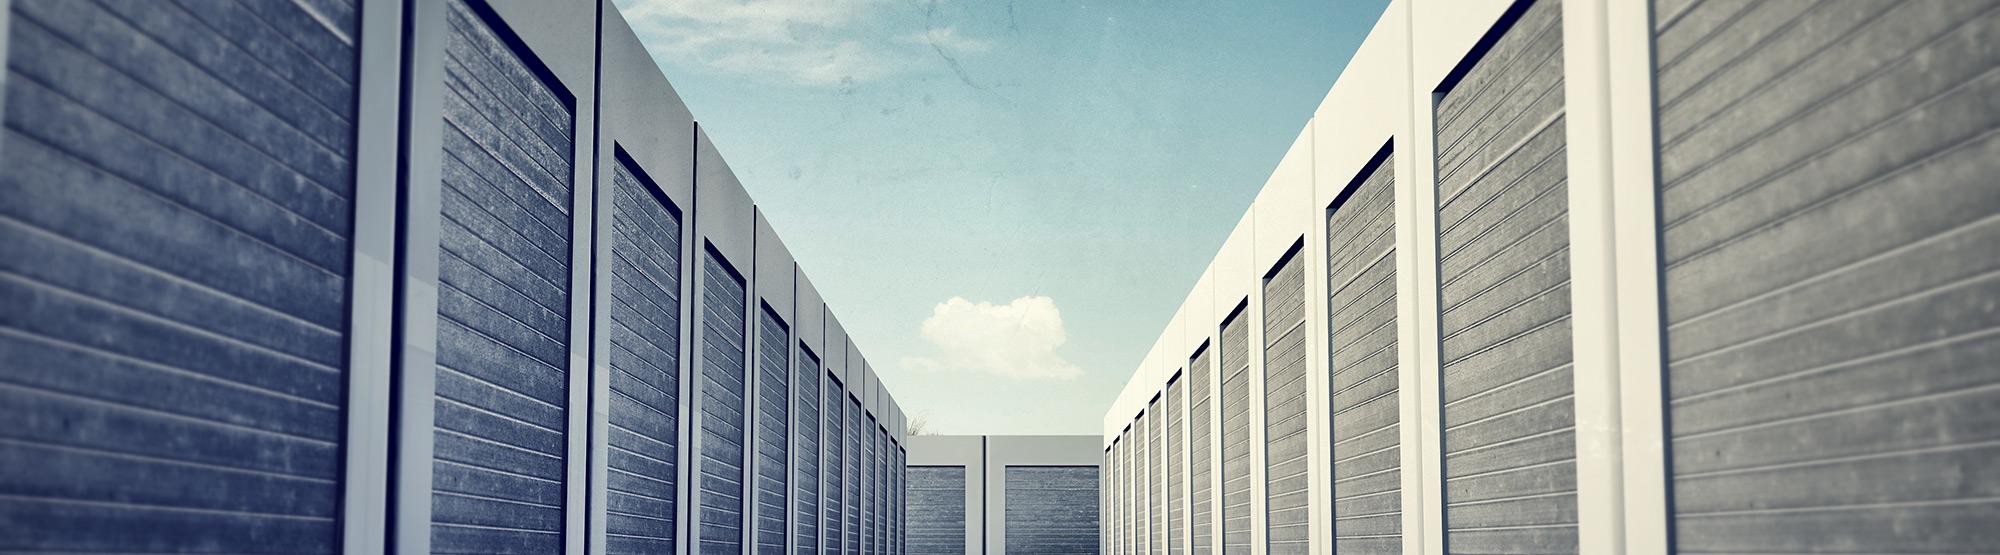 web self storage